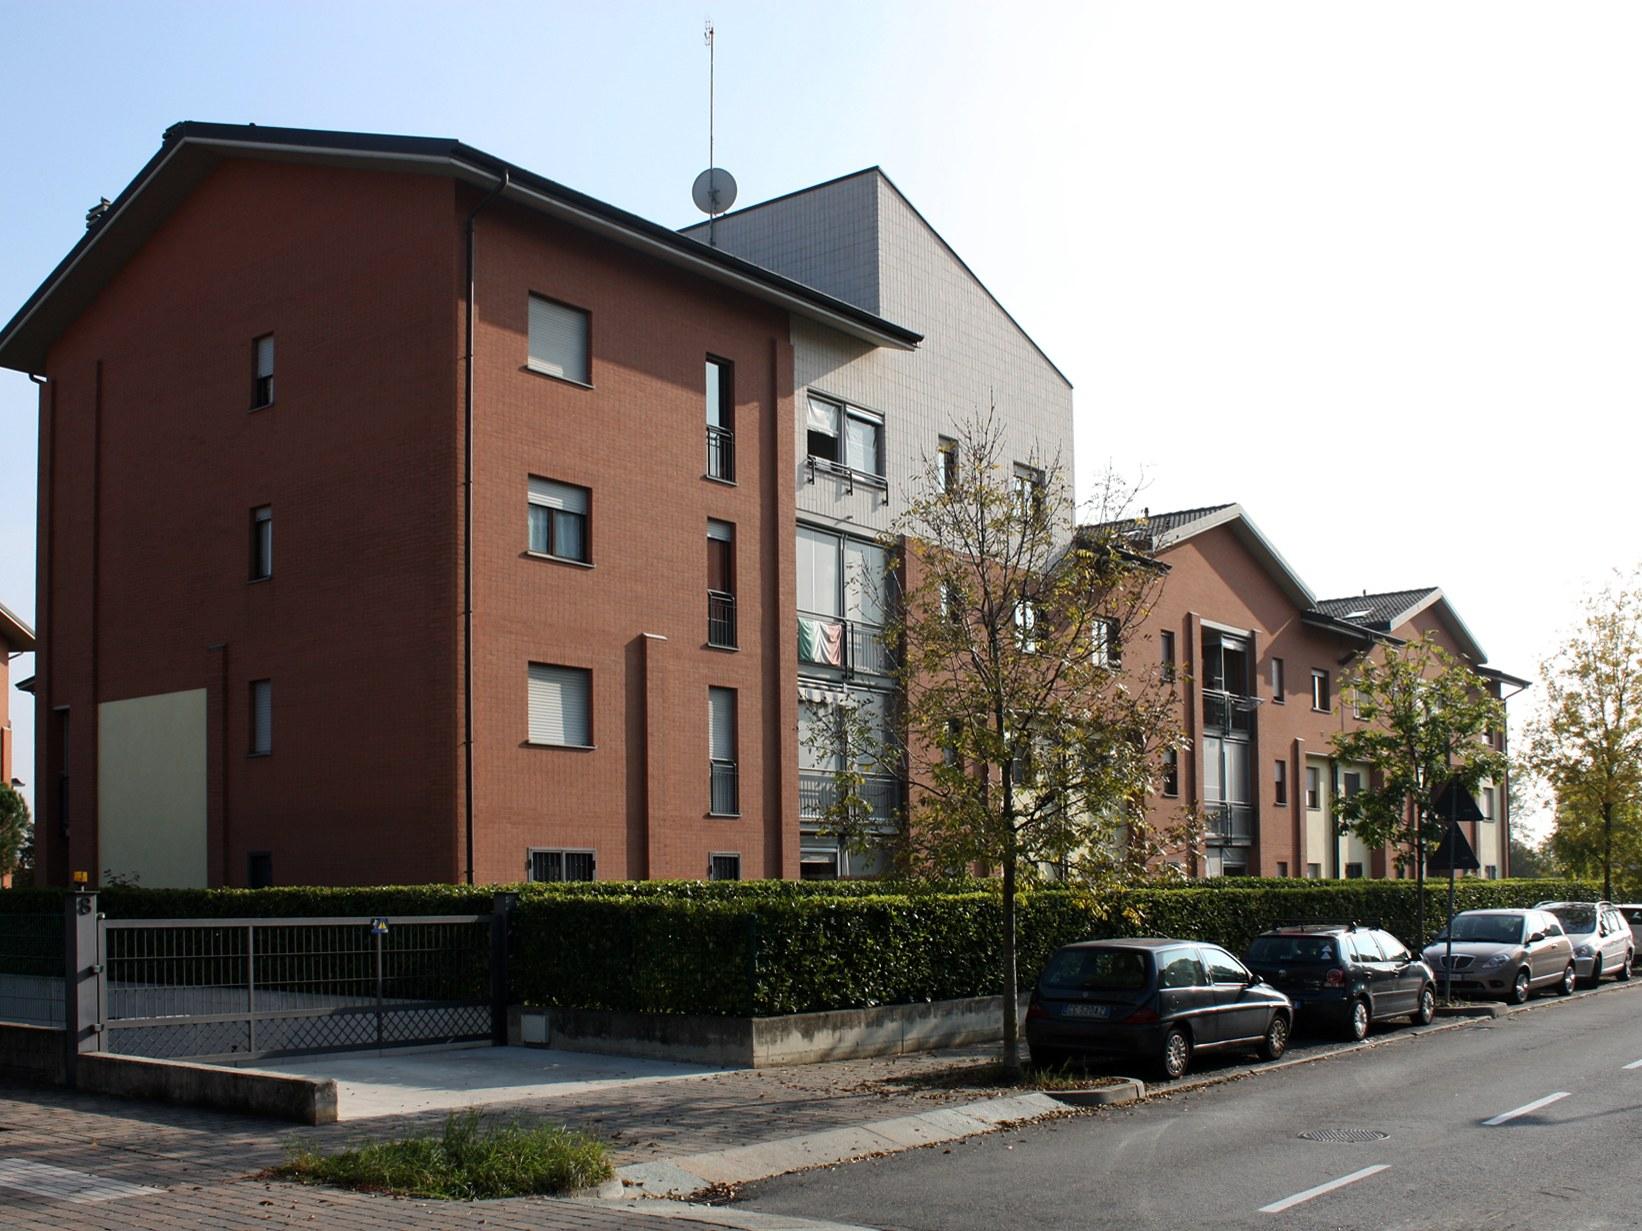 Edificio Residenziale a Beinasco